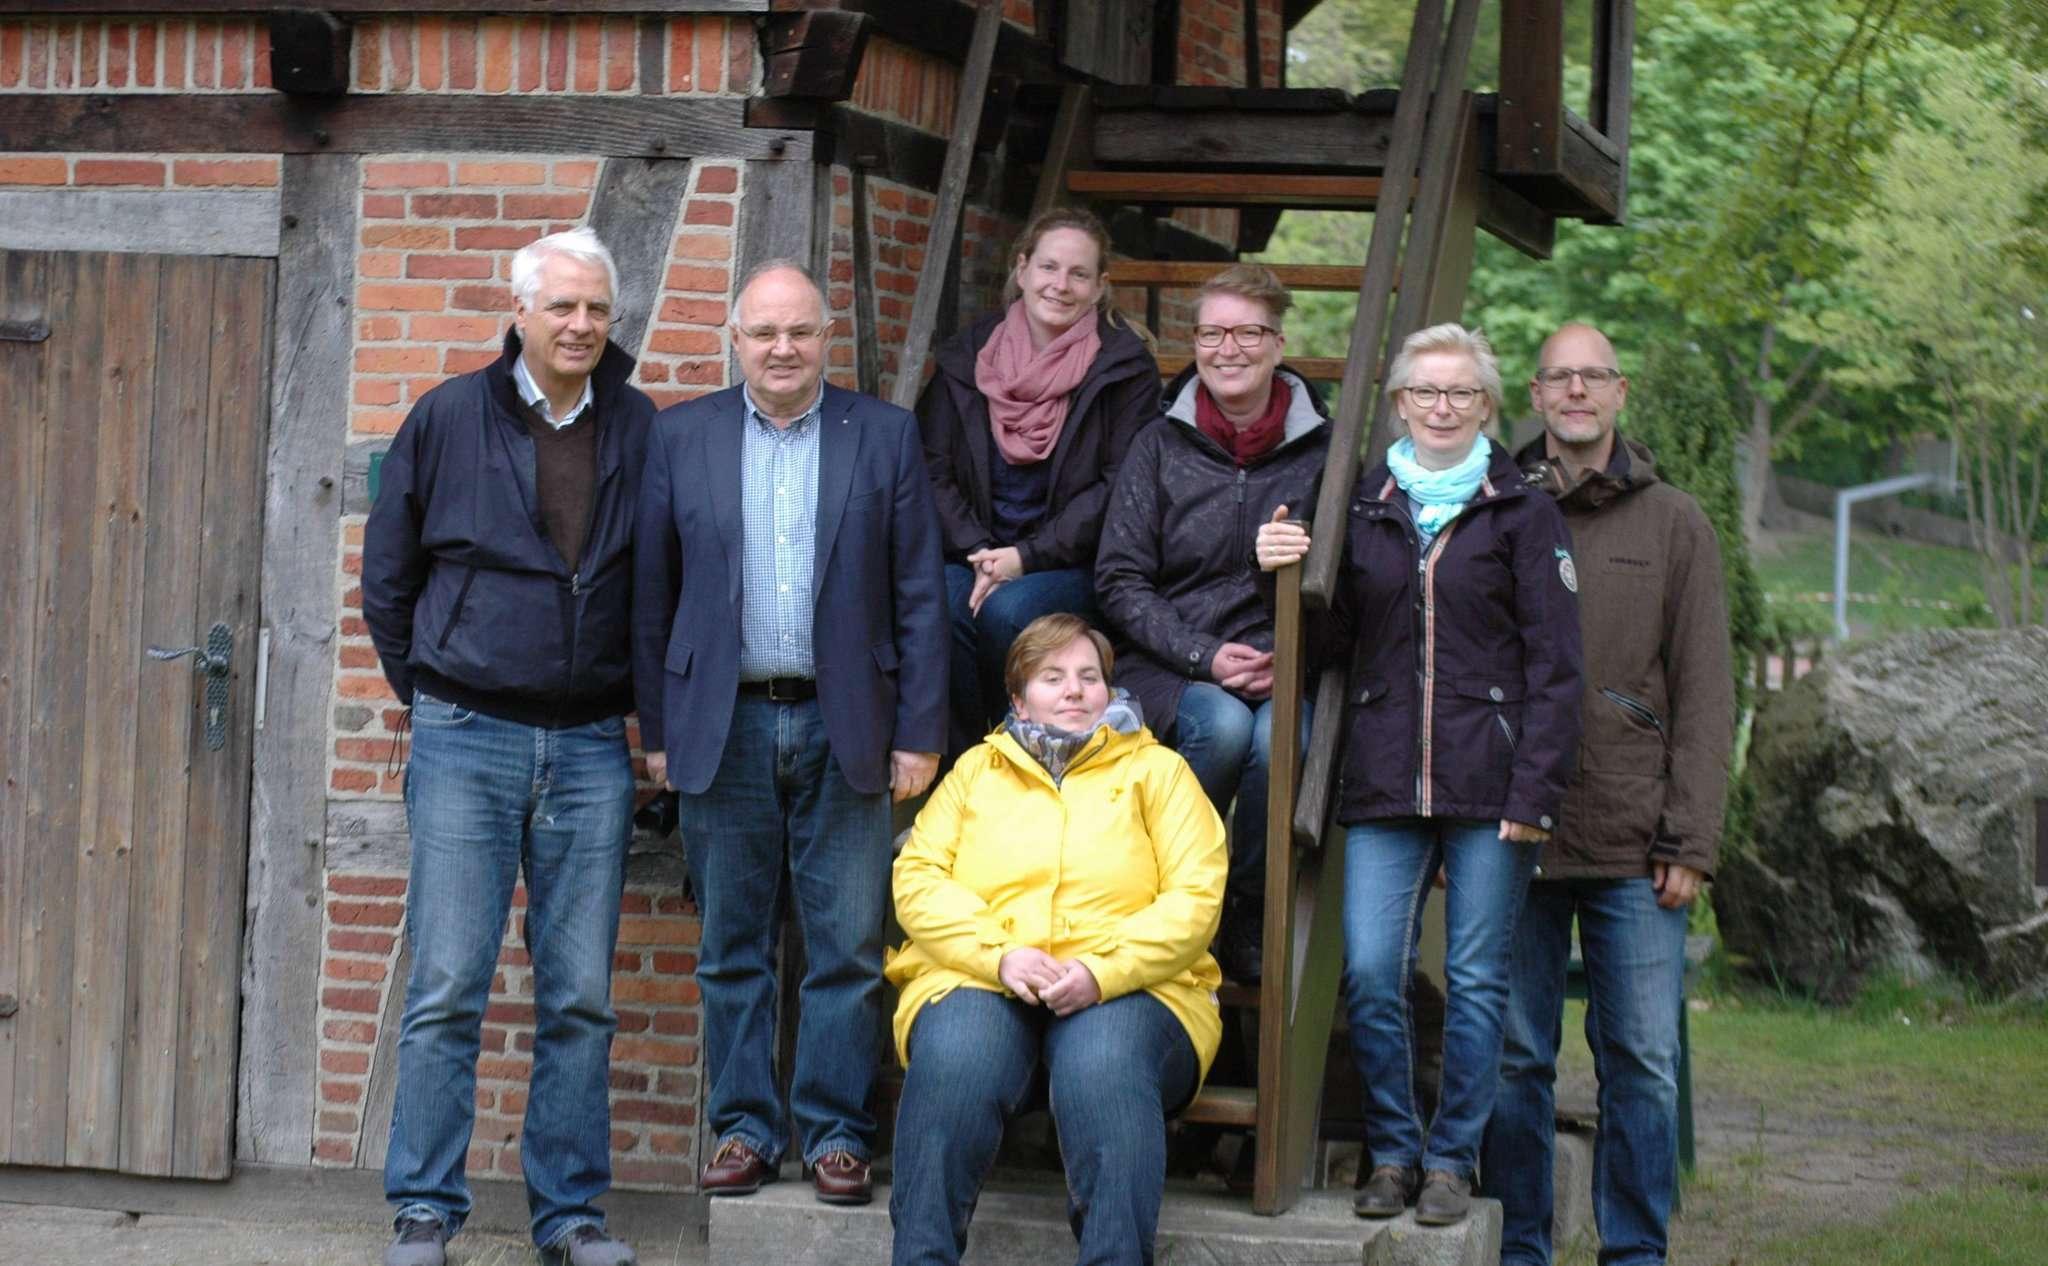 Das Organisationsteam hofft auf rege Teilnahme bei Scheeßel erstem Tag der offenen Gesellschaft. Foto: Jens Lou00ebs